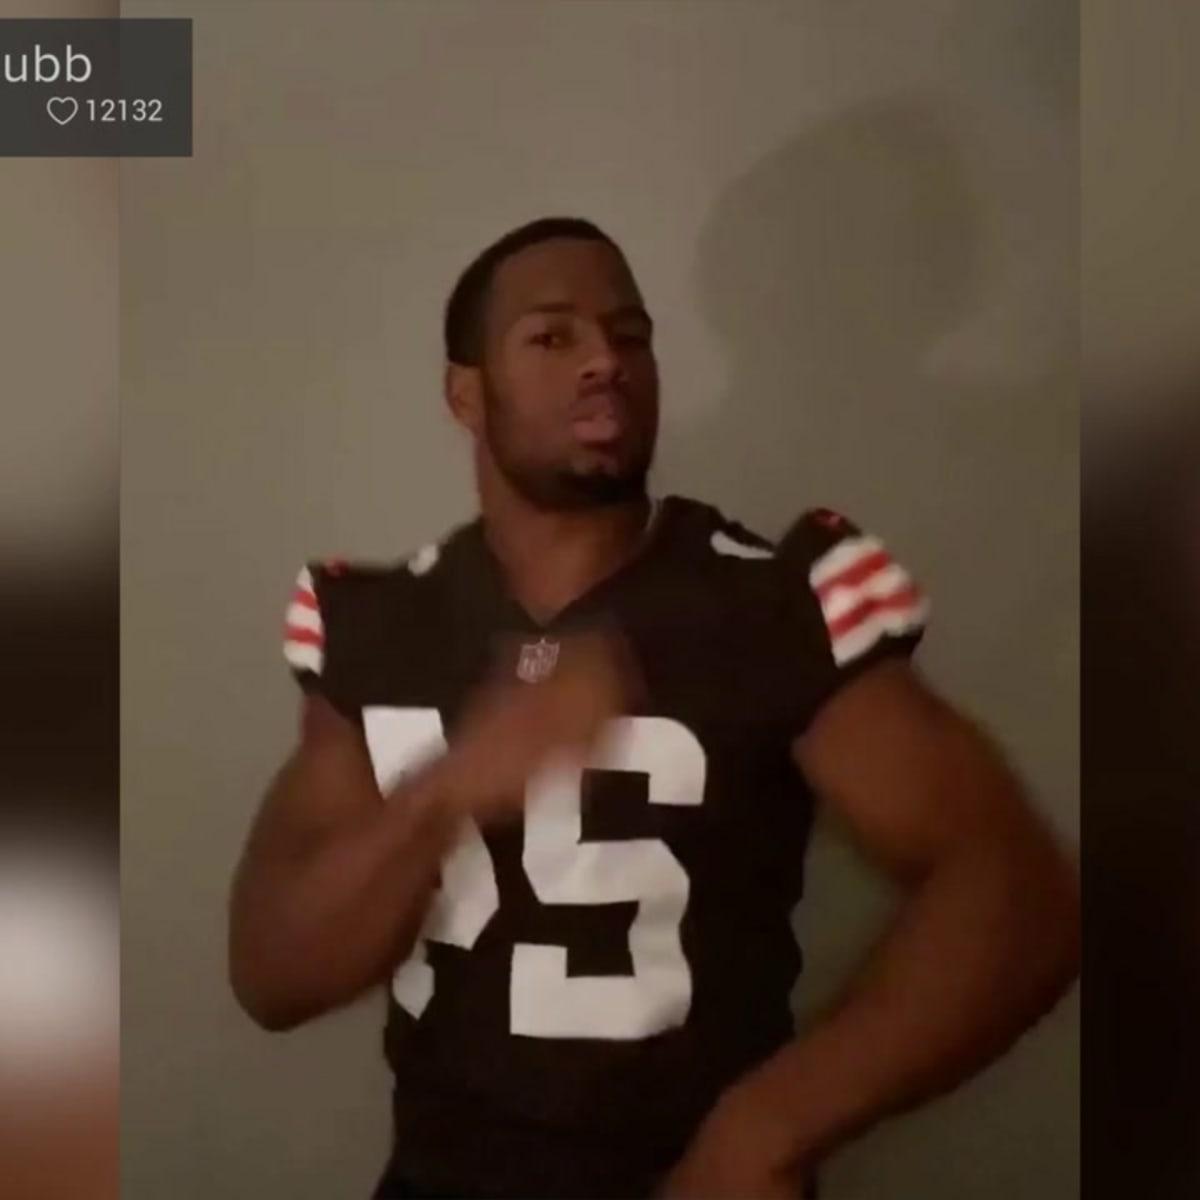 nick chubb's jersey